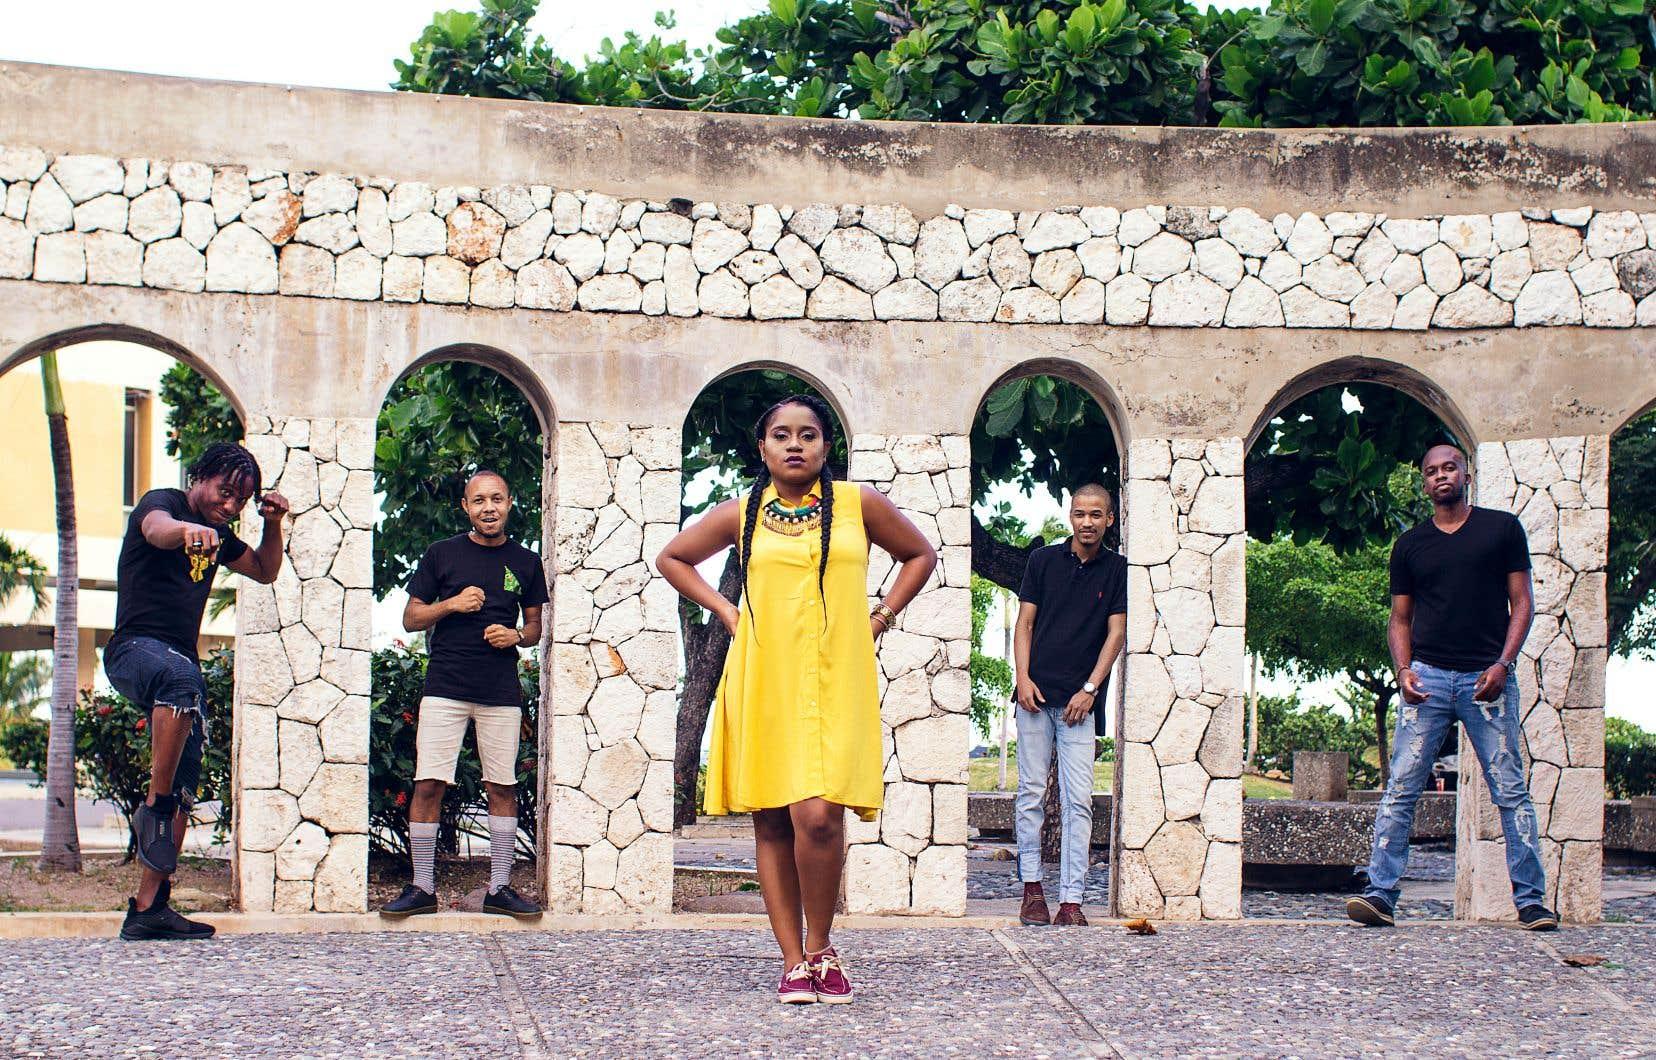 Il y a une dizaine d'années, Equiknoxx a commencé à faire son nom sur la scène dancehall, produisant notamment pour le groupe Ward 21 et les chanteurs Aidonia et Charlie Black.